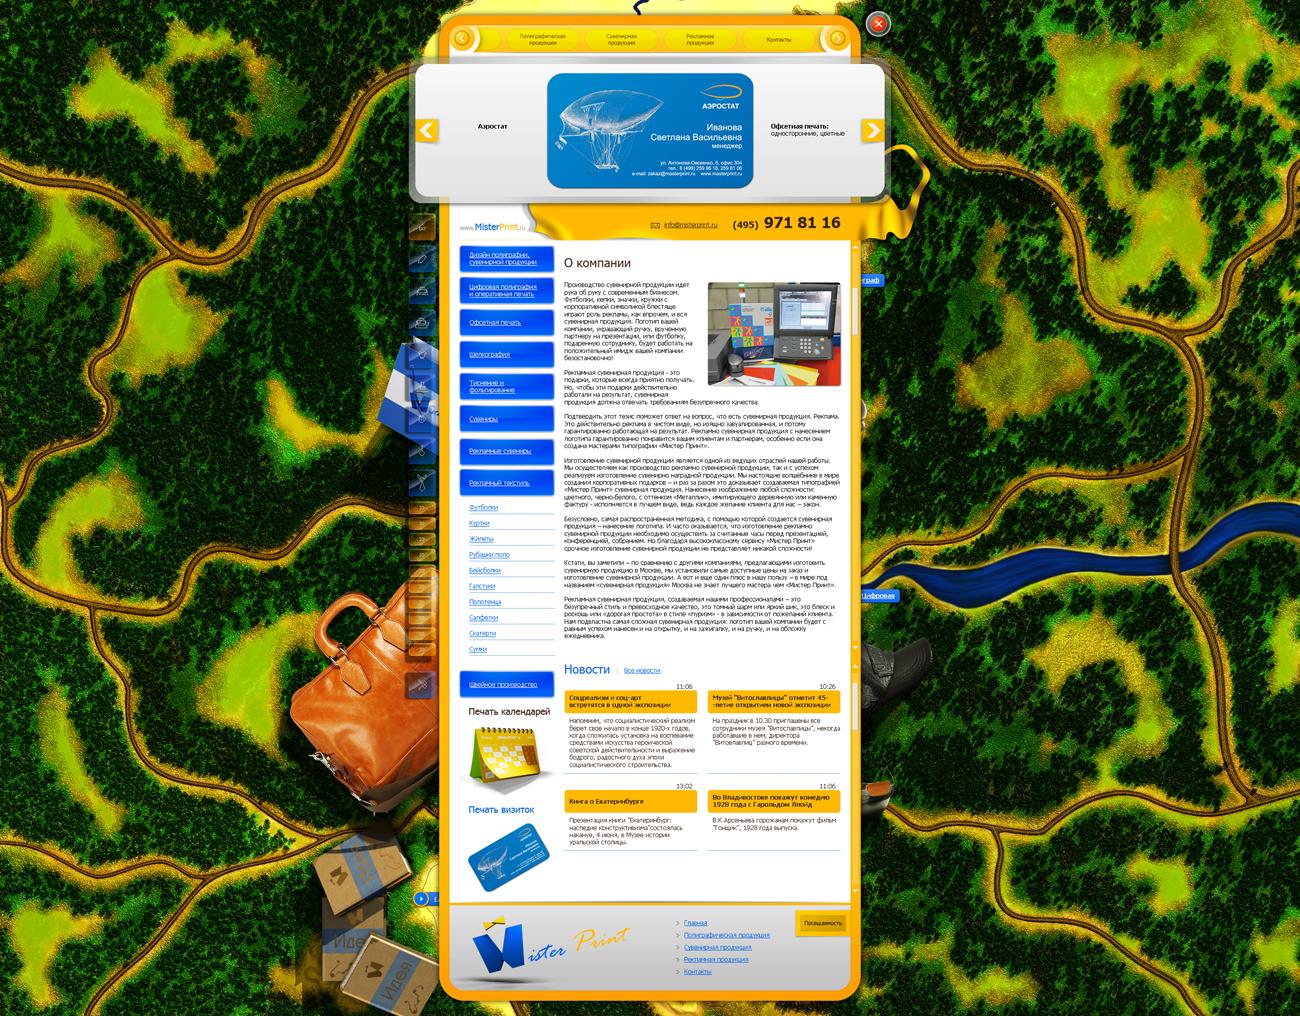 <p>Компания Мистер Принт занимается изготовлением сувенирной продукции. Создание сайта компании и интернет рекламу ресурса фирма доверила специалистам Optimizoff.</p>